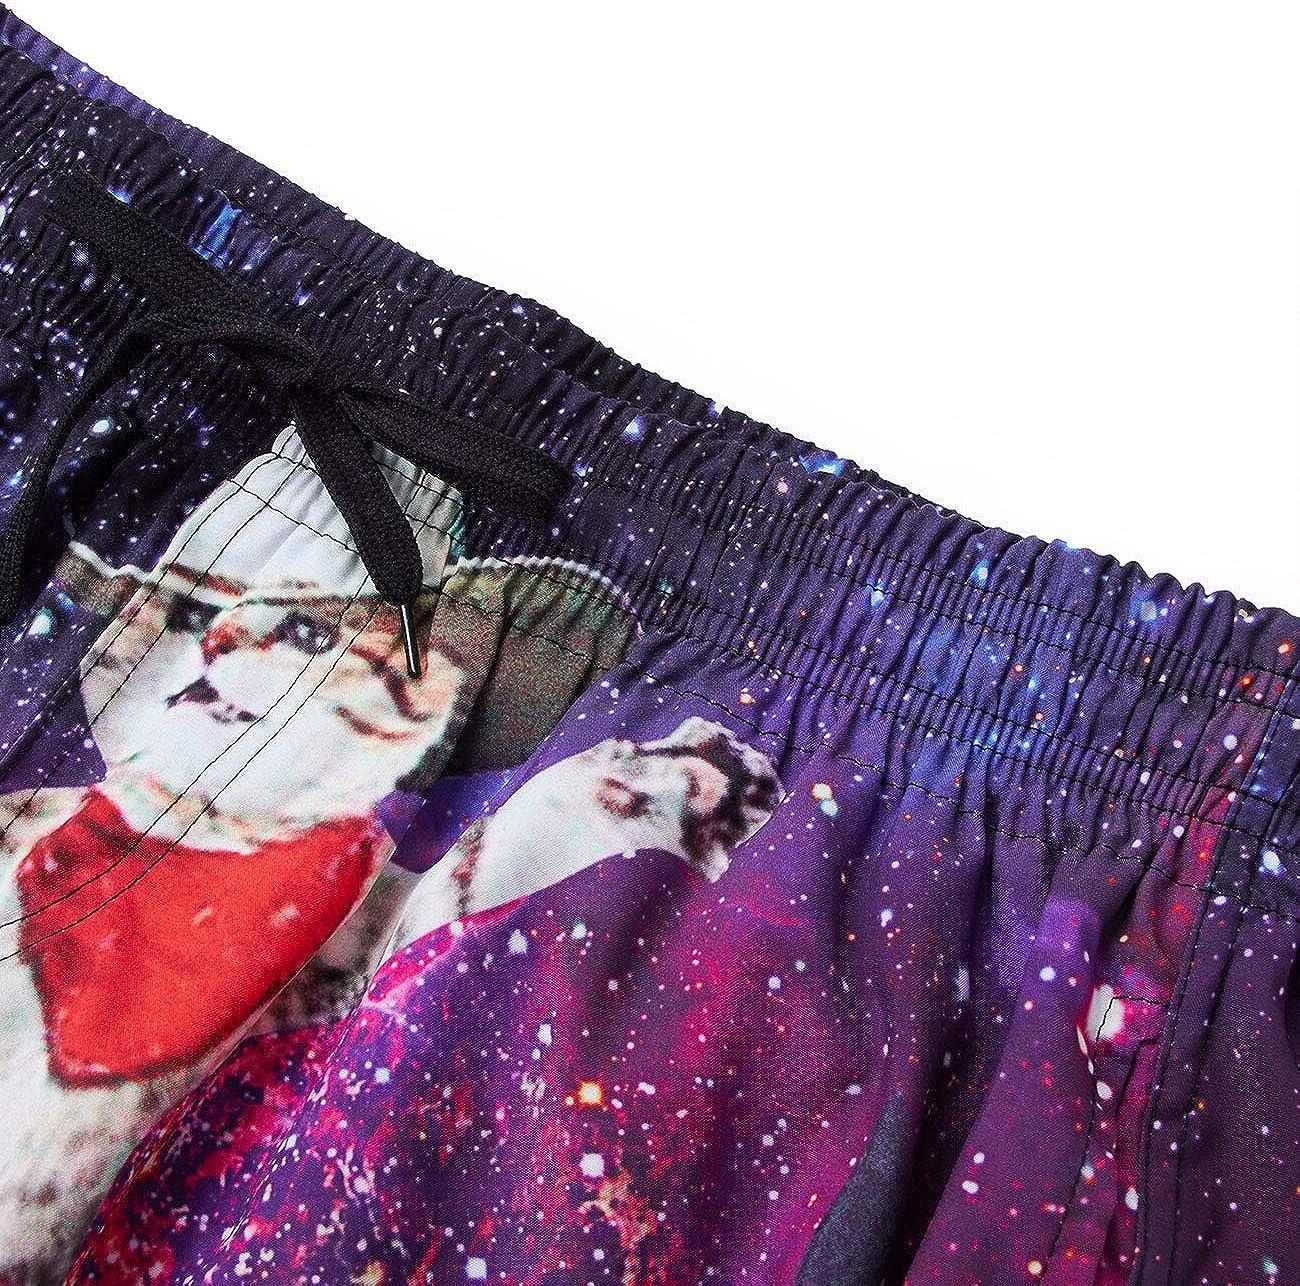 Rave on Friday Costumi da Bagno Uomo 3D Stampato Estate Pantaloncini e Calzoncini Asciugatura Veloce Tronchi Spiaggia S-XXL